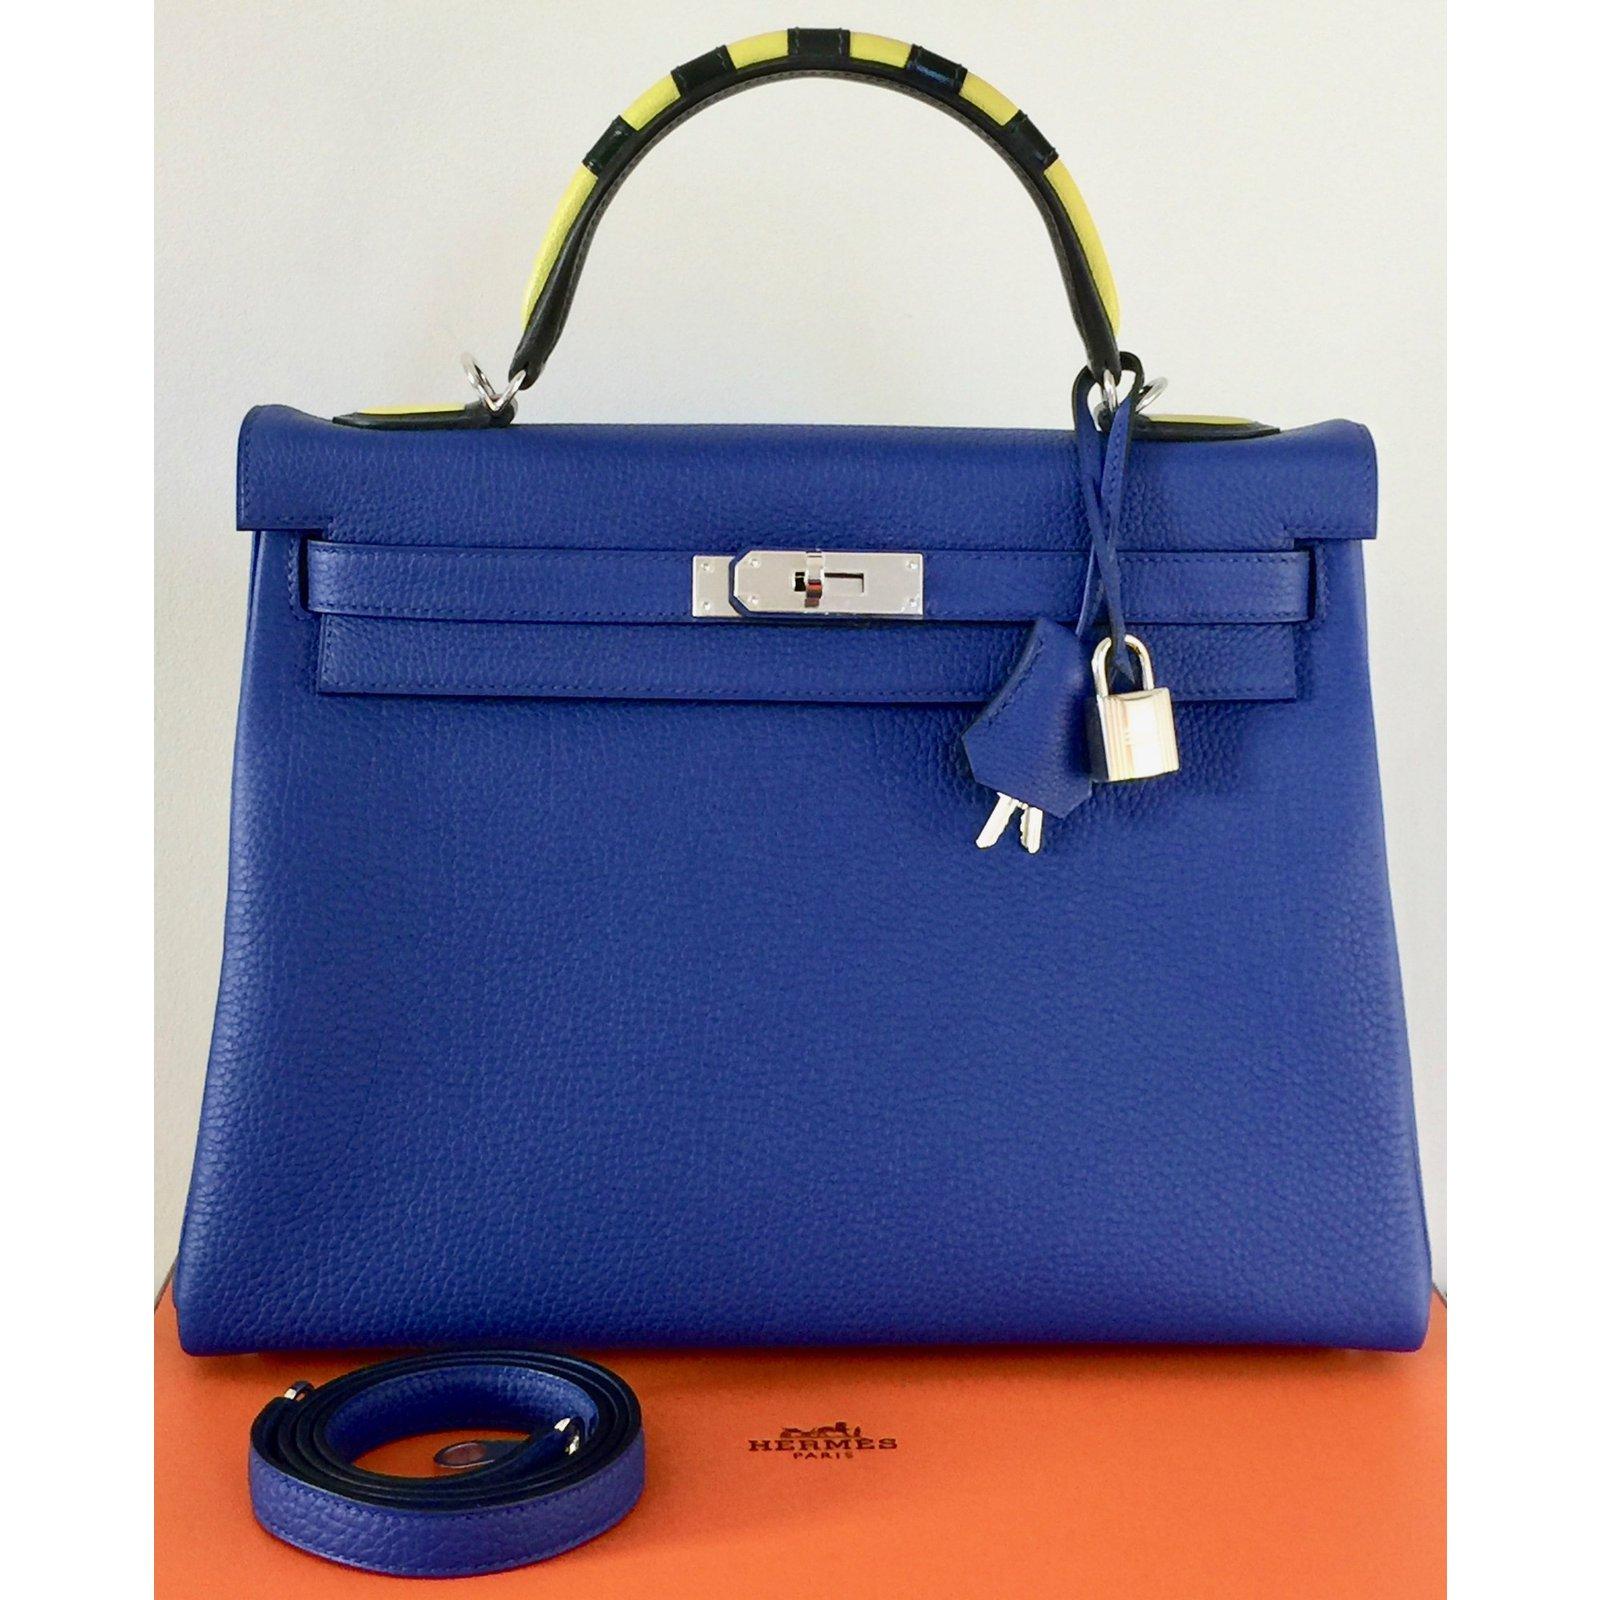 3f97a263f530 Hermès Kelly 32 Limited Edition Au Galop Handbags Leather Multiple ...